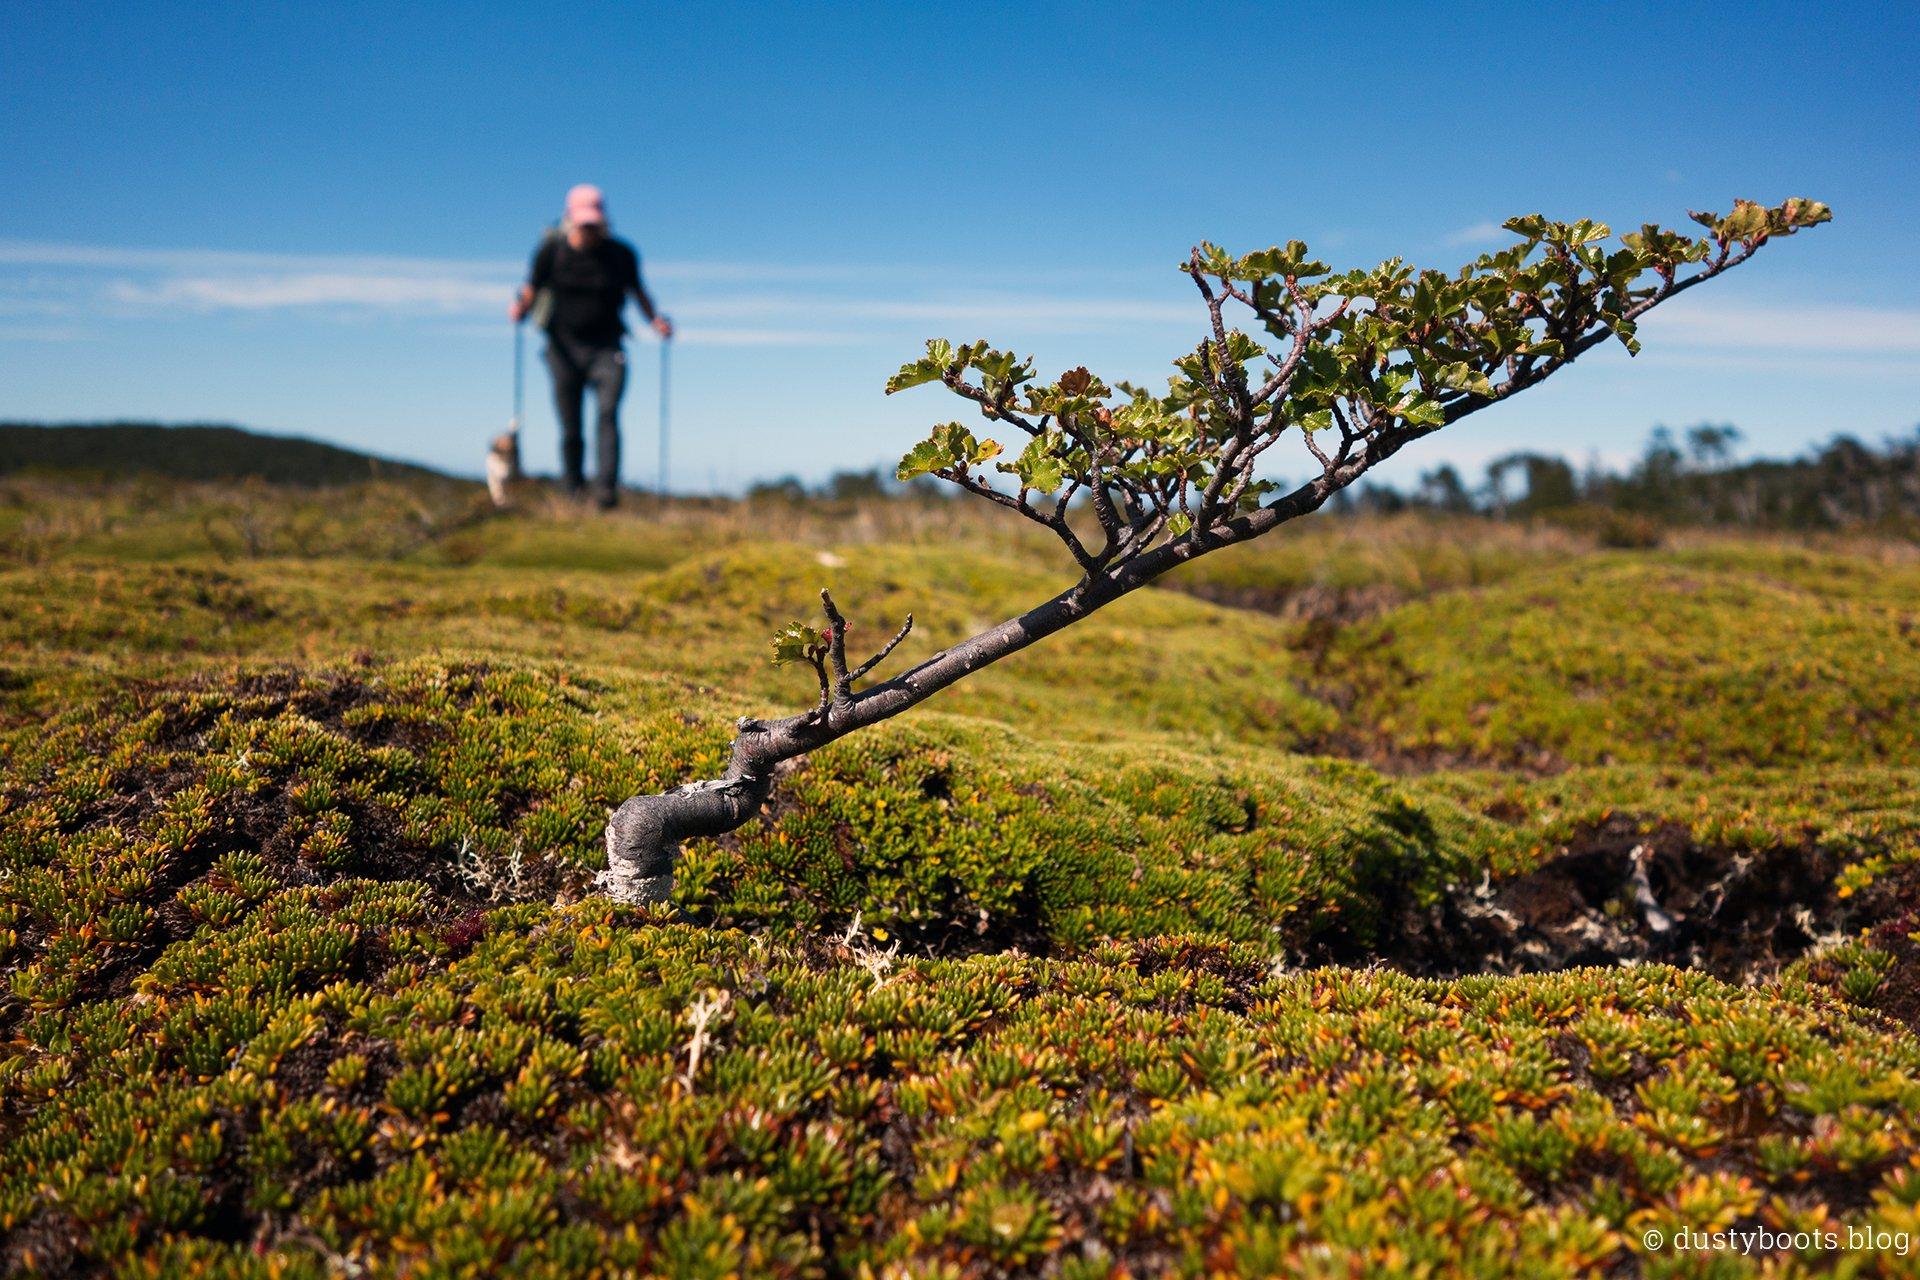 Bäume im Bonsai-Format sind die ersten größeren Pflanzen im Moor